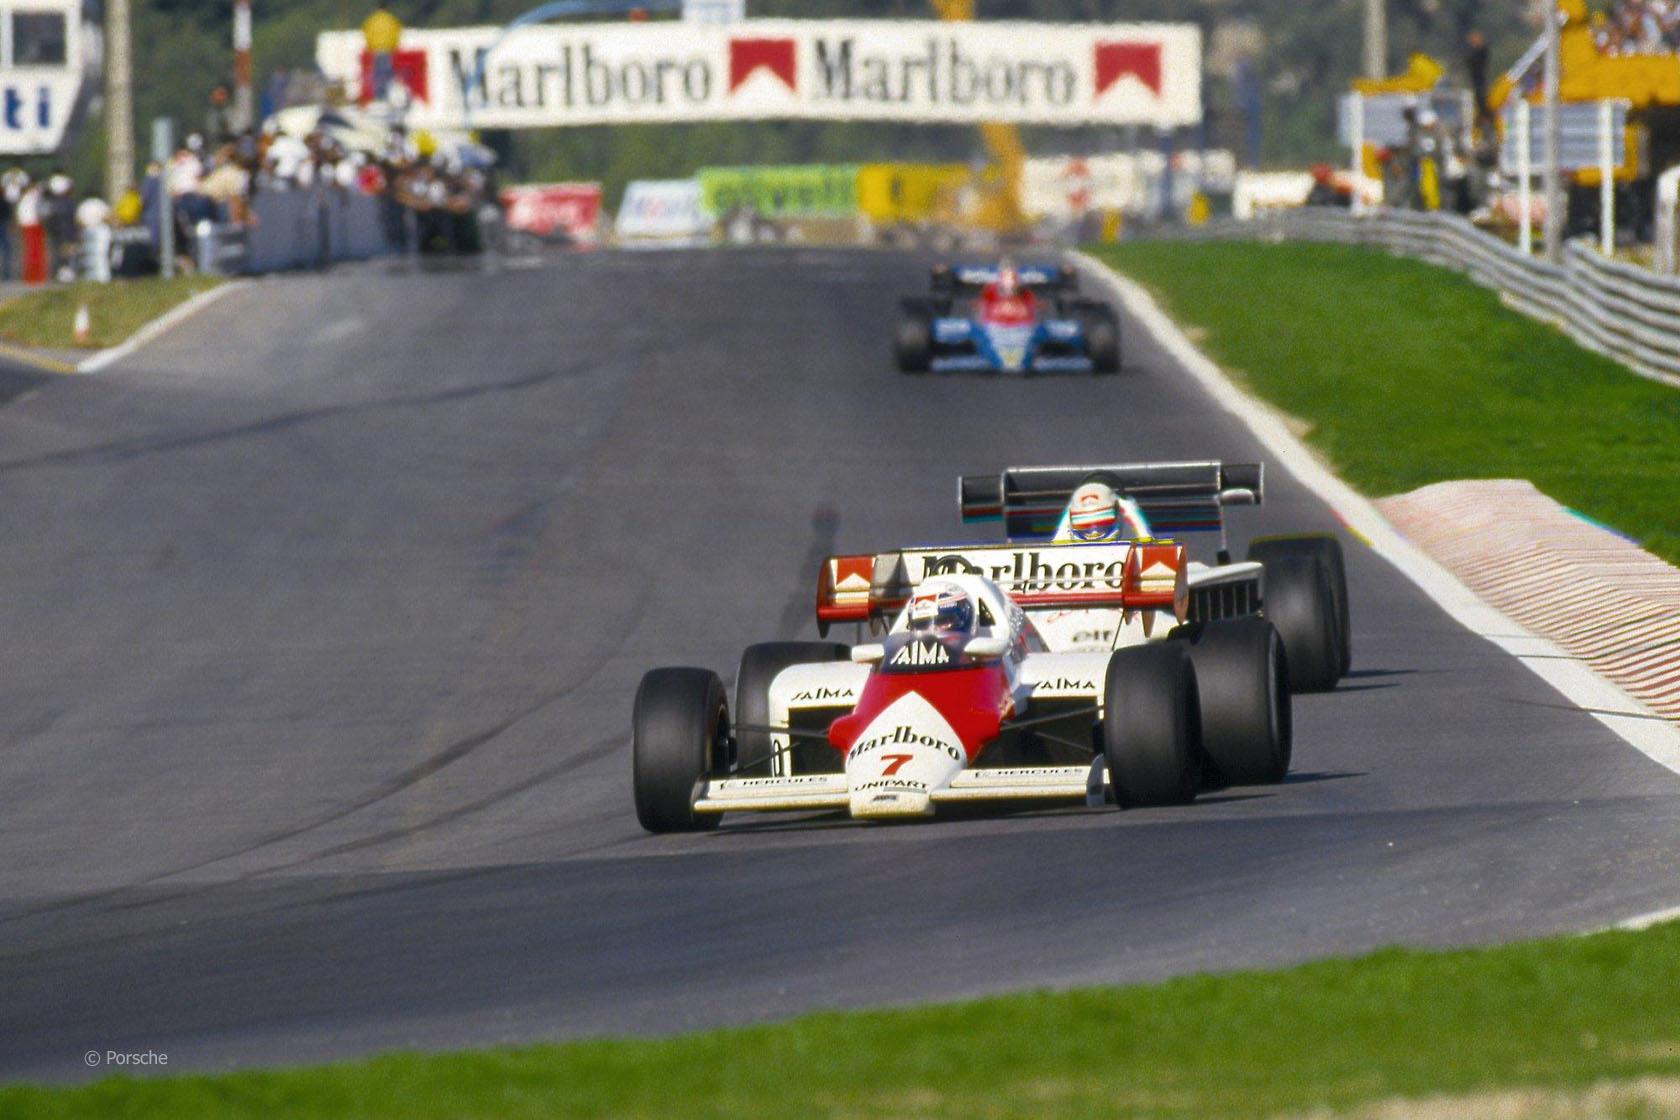 Alain Prost, McLaren, Estoril, 1984